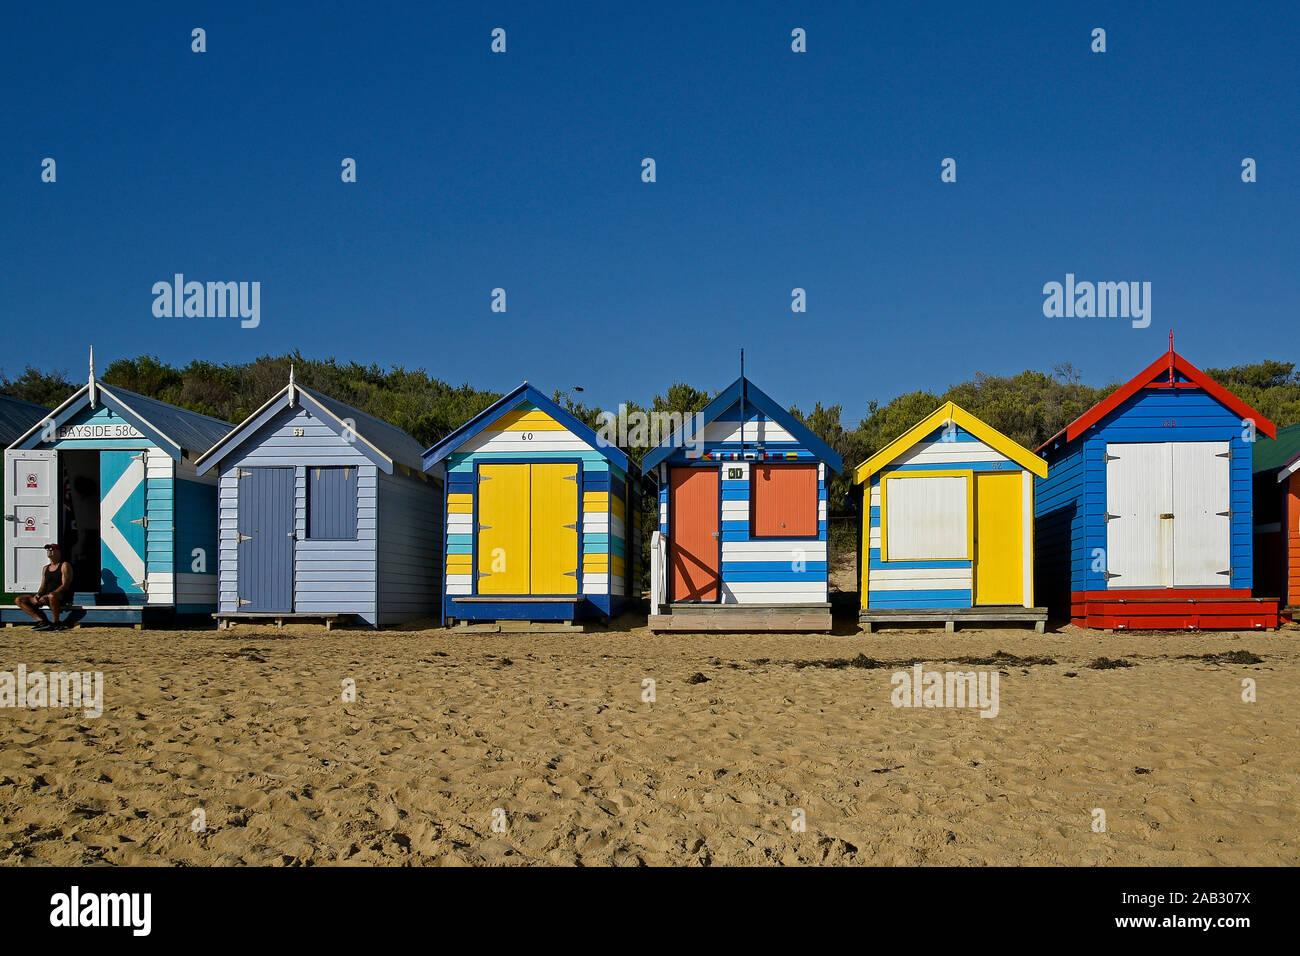 L'Australie, Victoria, Melbourne, 12 avril. 2019 - La plage de Brighton dispose de 82 zones de baignade colorés qui sont l'une des icônes touristiques de Melbourne. B Banque D'Images